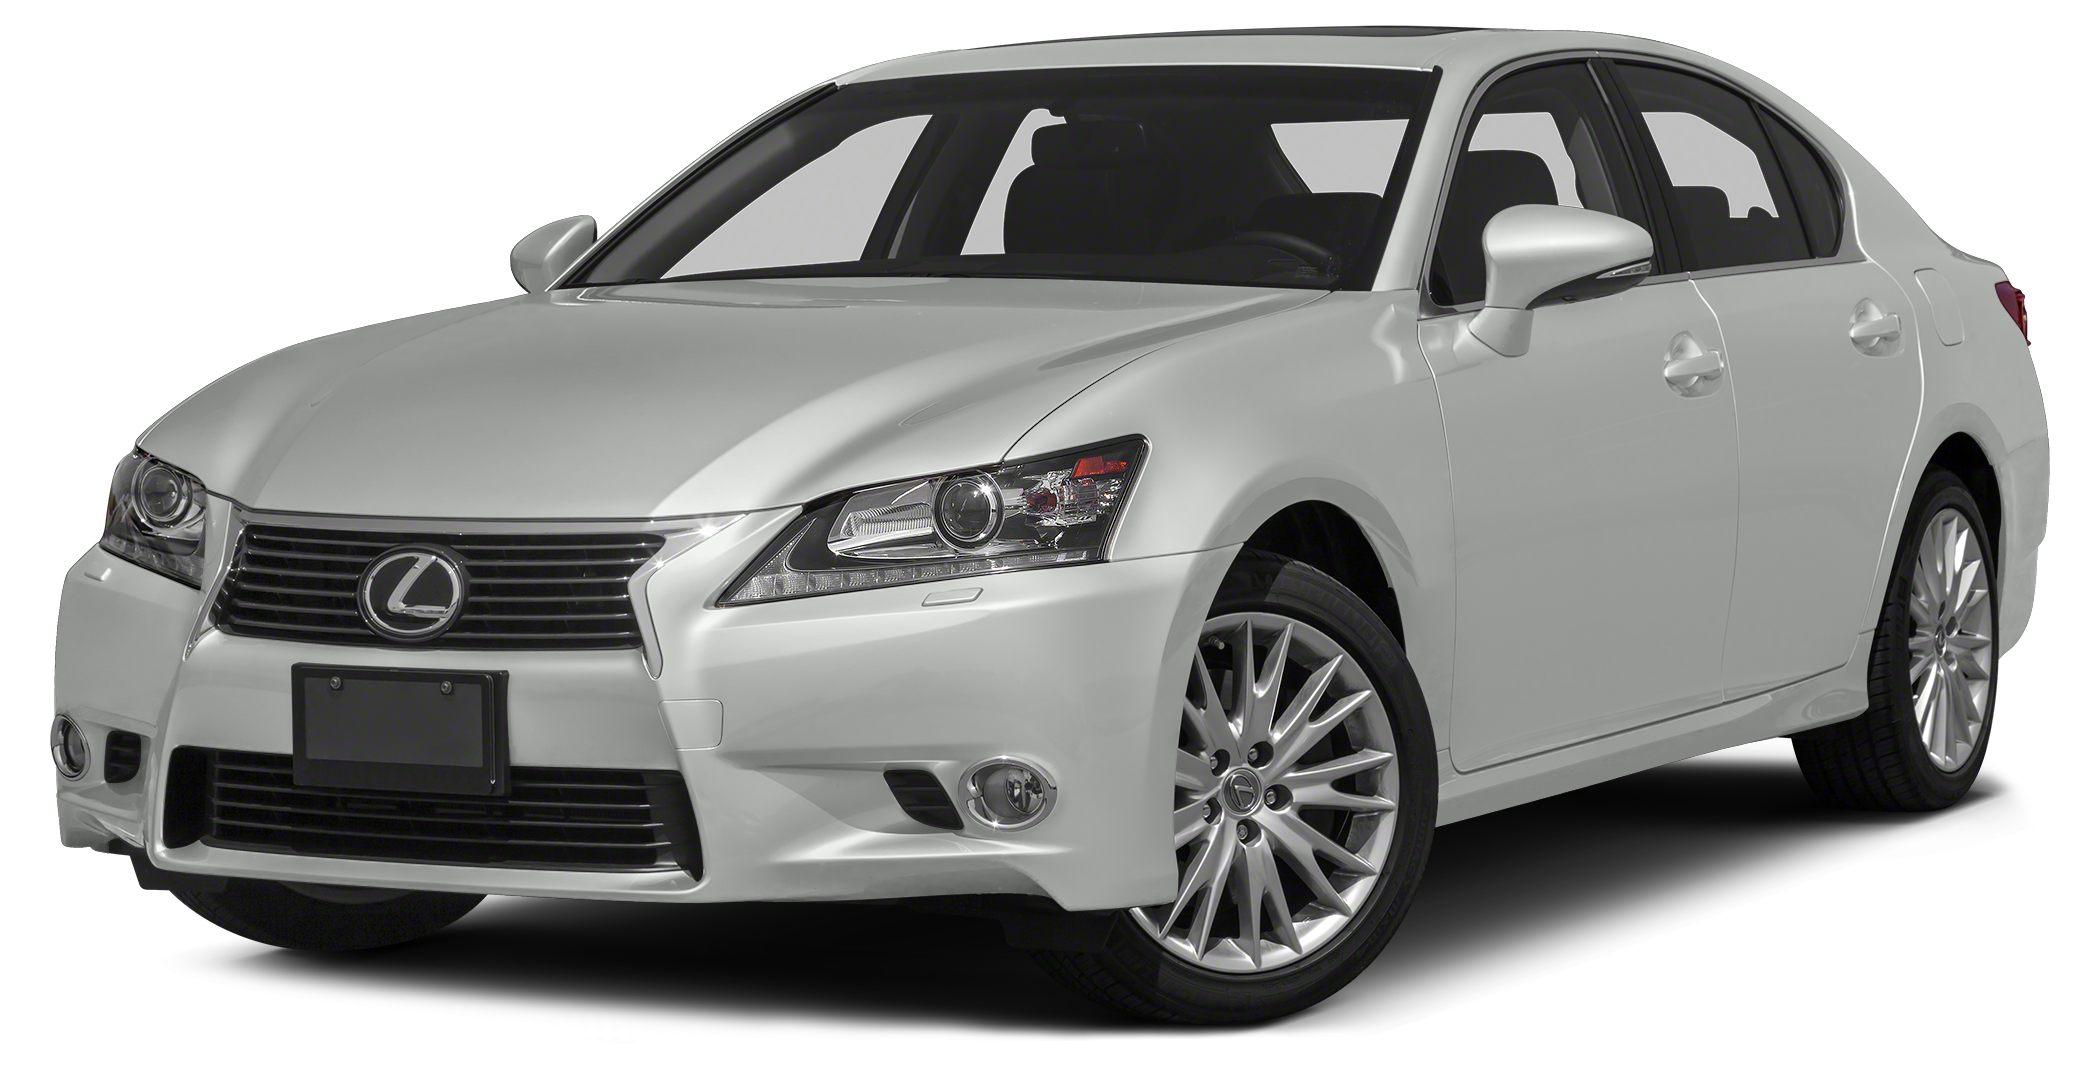 2013 Lexus GS 350 Base Miles 62014Color Liquid Platinum Stock 002057 VIN JTHBE1BL6D5002057